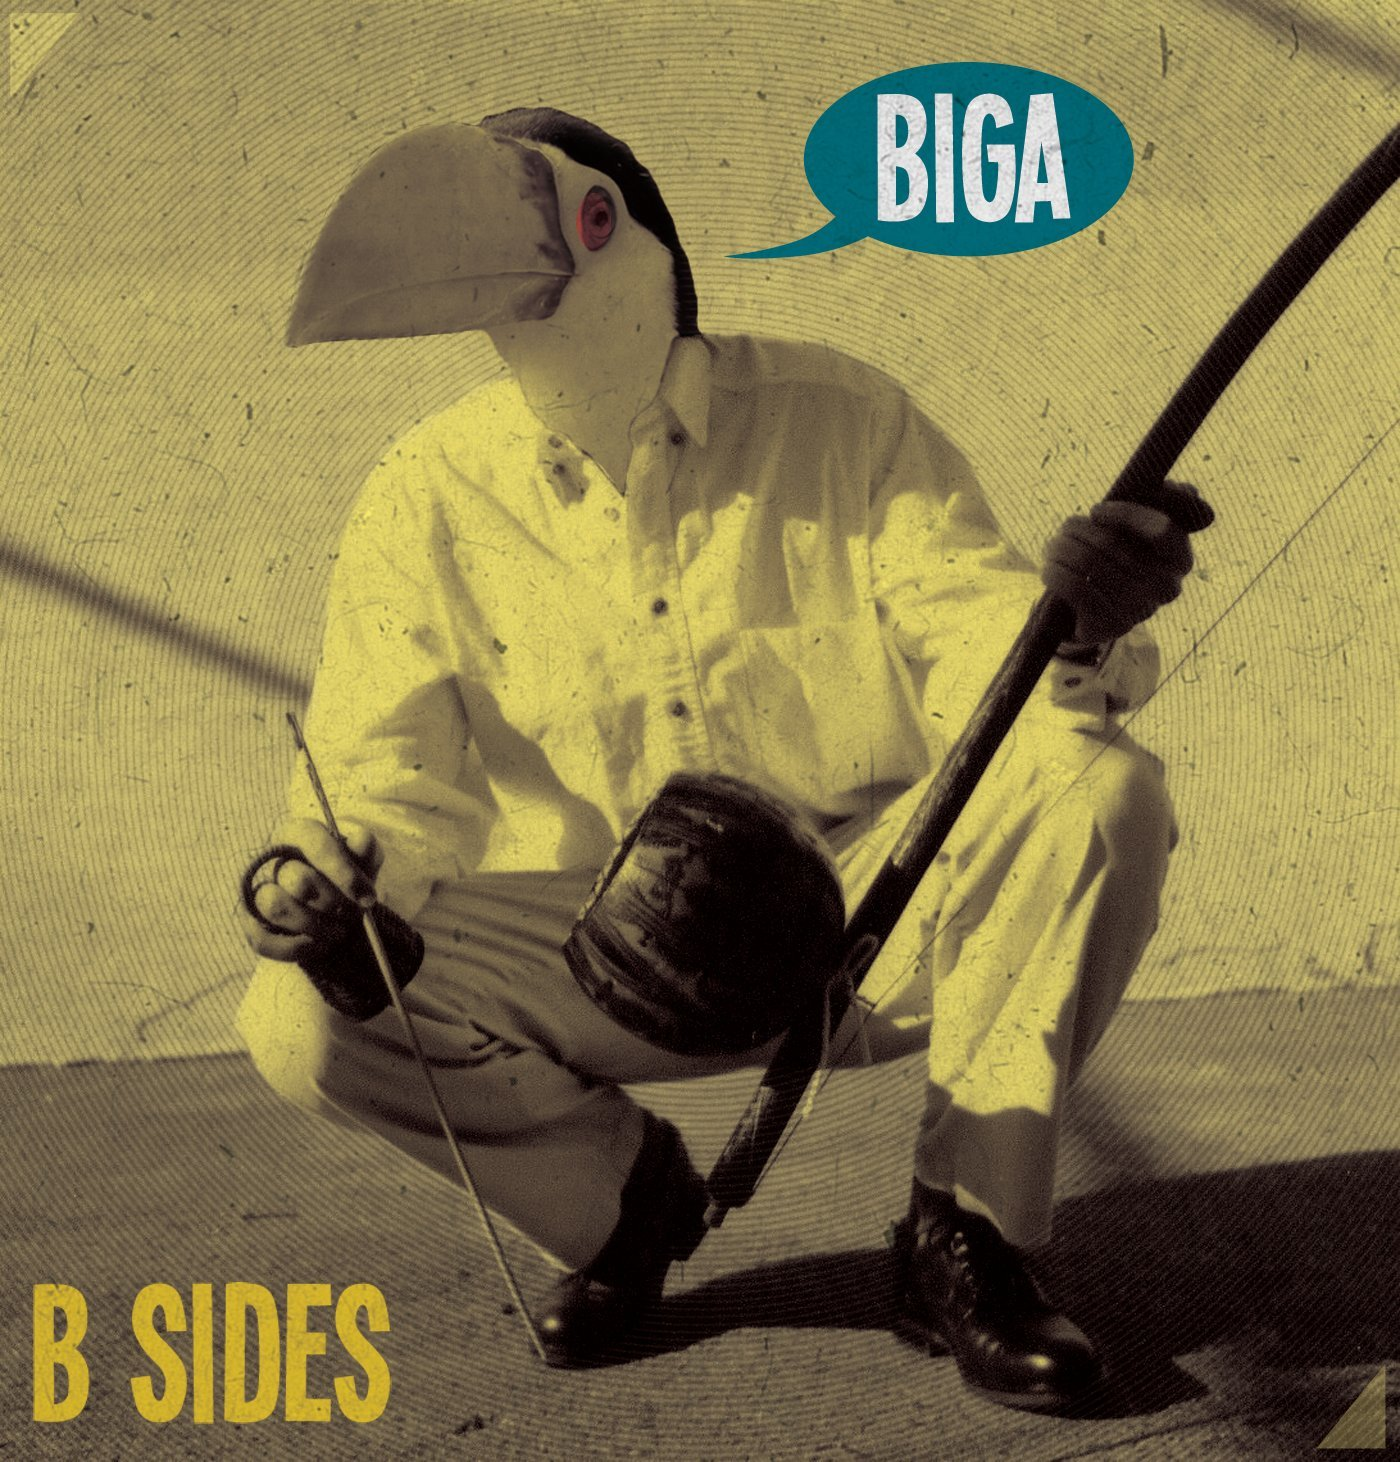 Free Download: Biga – B Sides